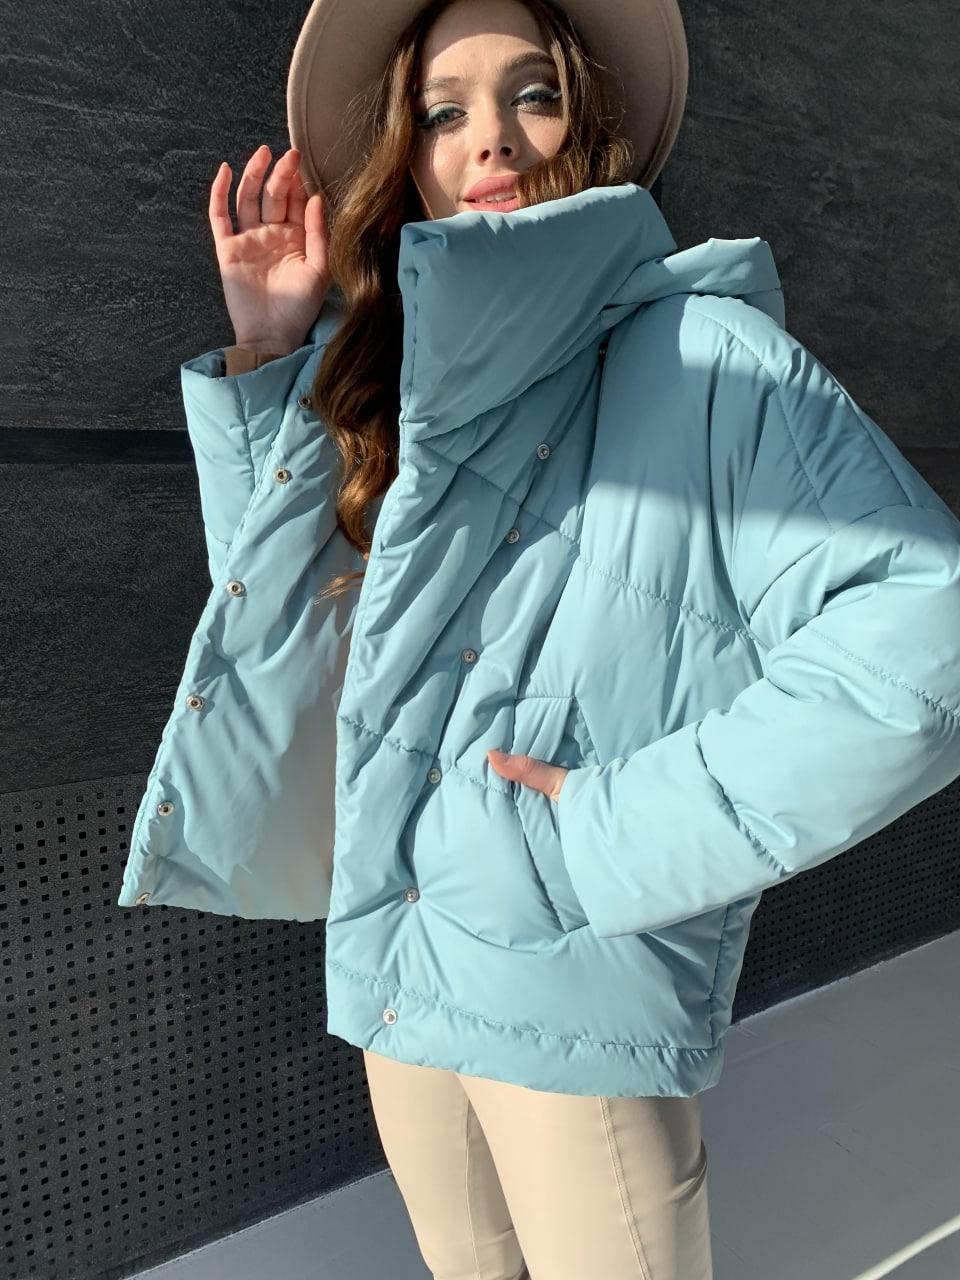 Уно short куртка из плащевой ткани Ammy 10927 АРТ. 47401 Цвет: Олива - фото 10, интернет магазин tm-modus.ru